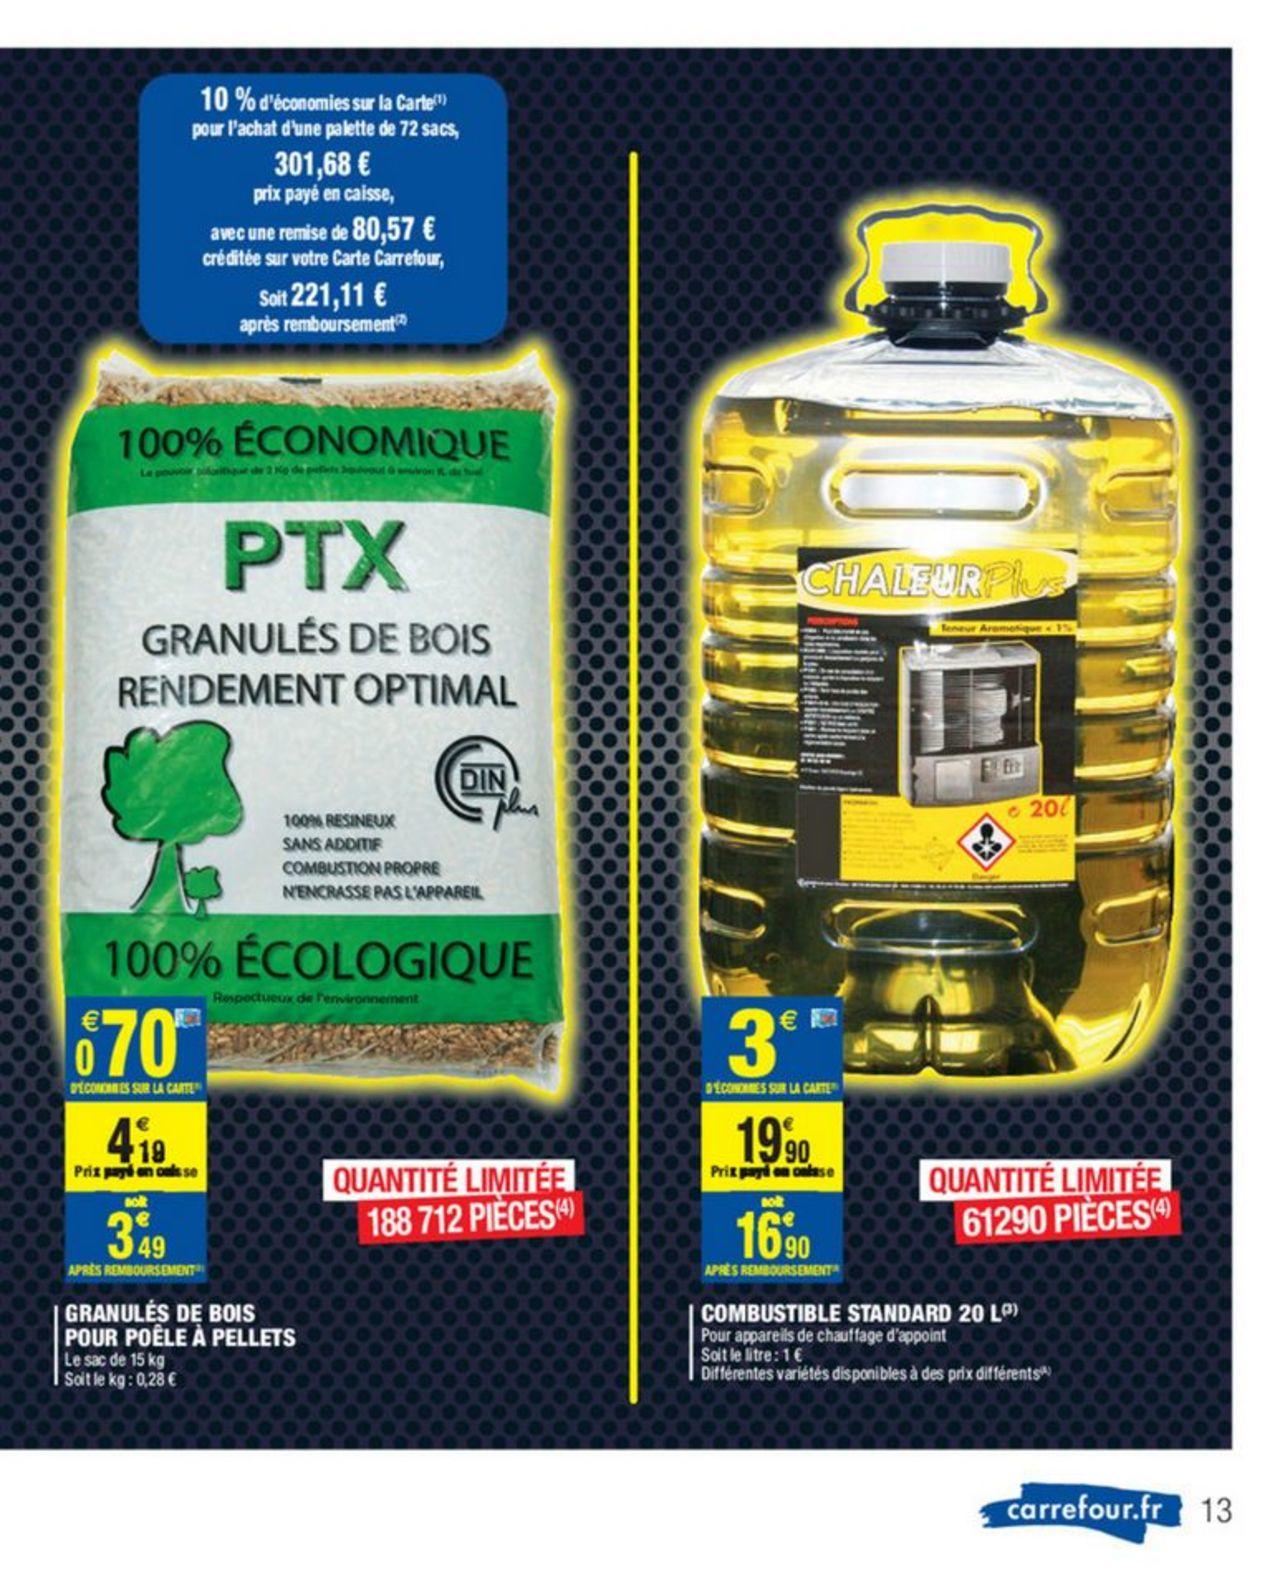 Palette de Granulés de bois pour Poêle Pellets PTX DIN - 72 Sacs (Via 80.57€ sur la Carte Fidélité)